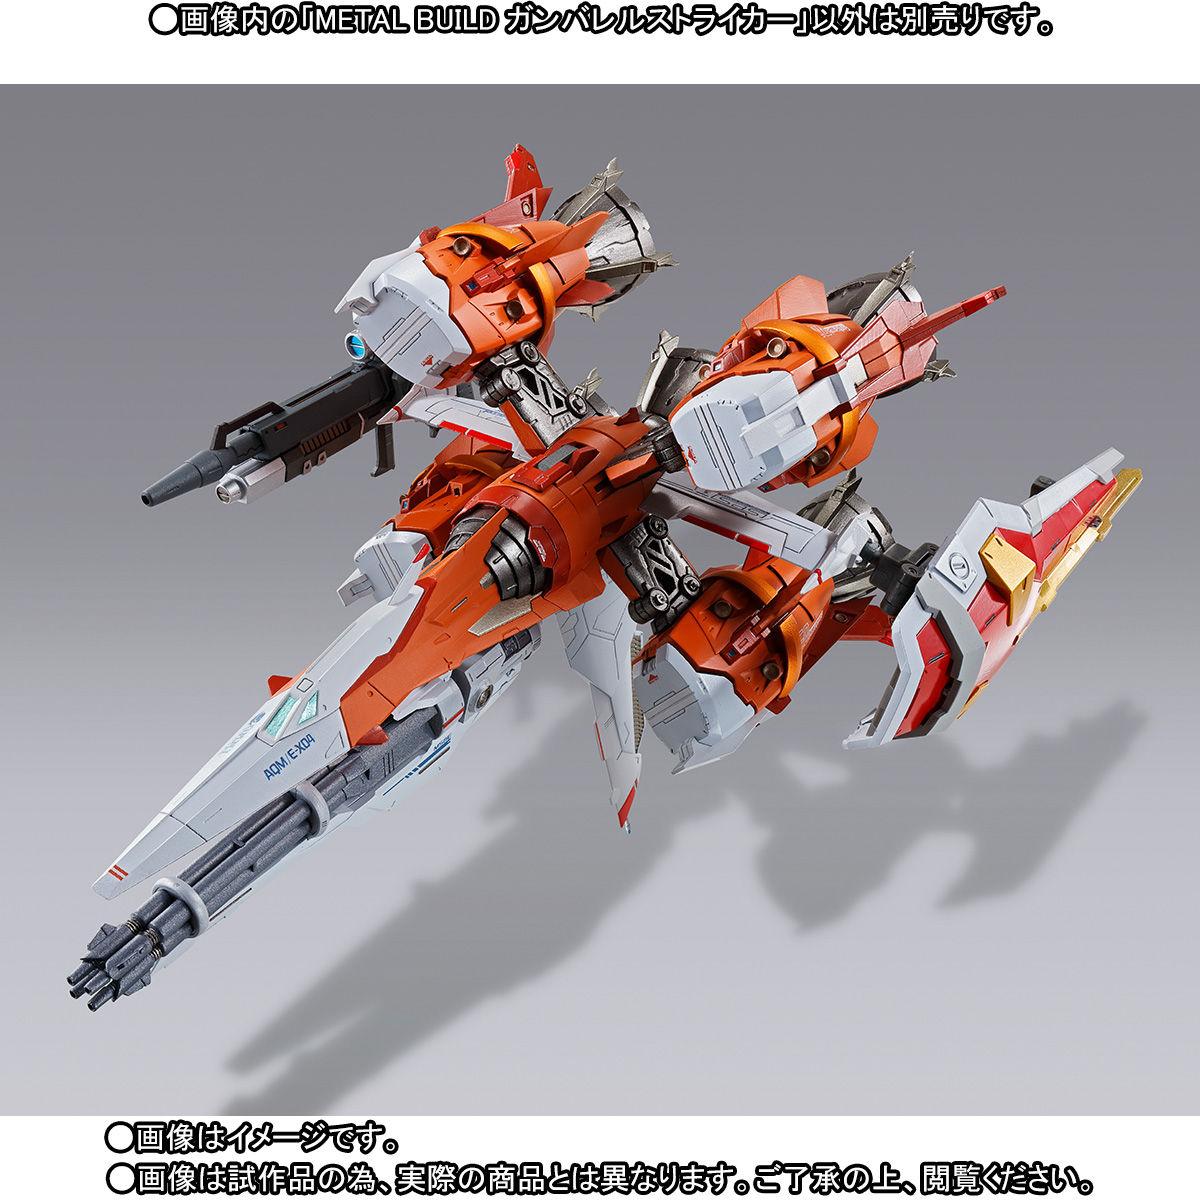 METAL BUILD『ガンバレルストライカー 機動戦士ガンダムSEED MSV』可動フィギュア-009